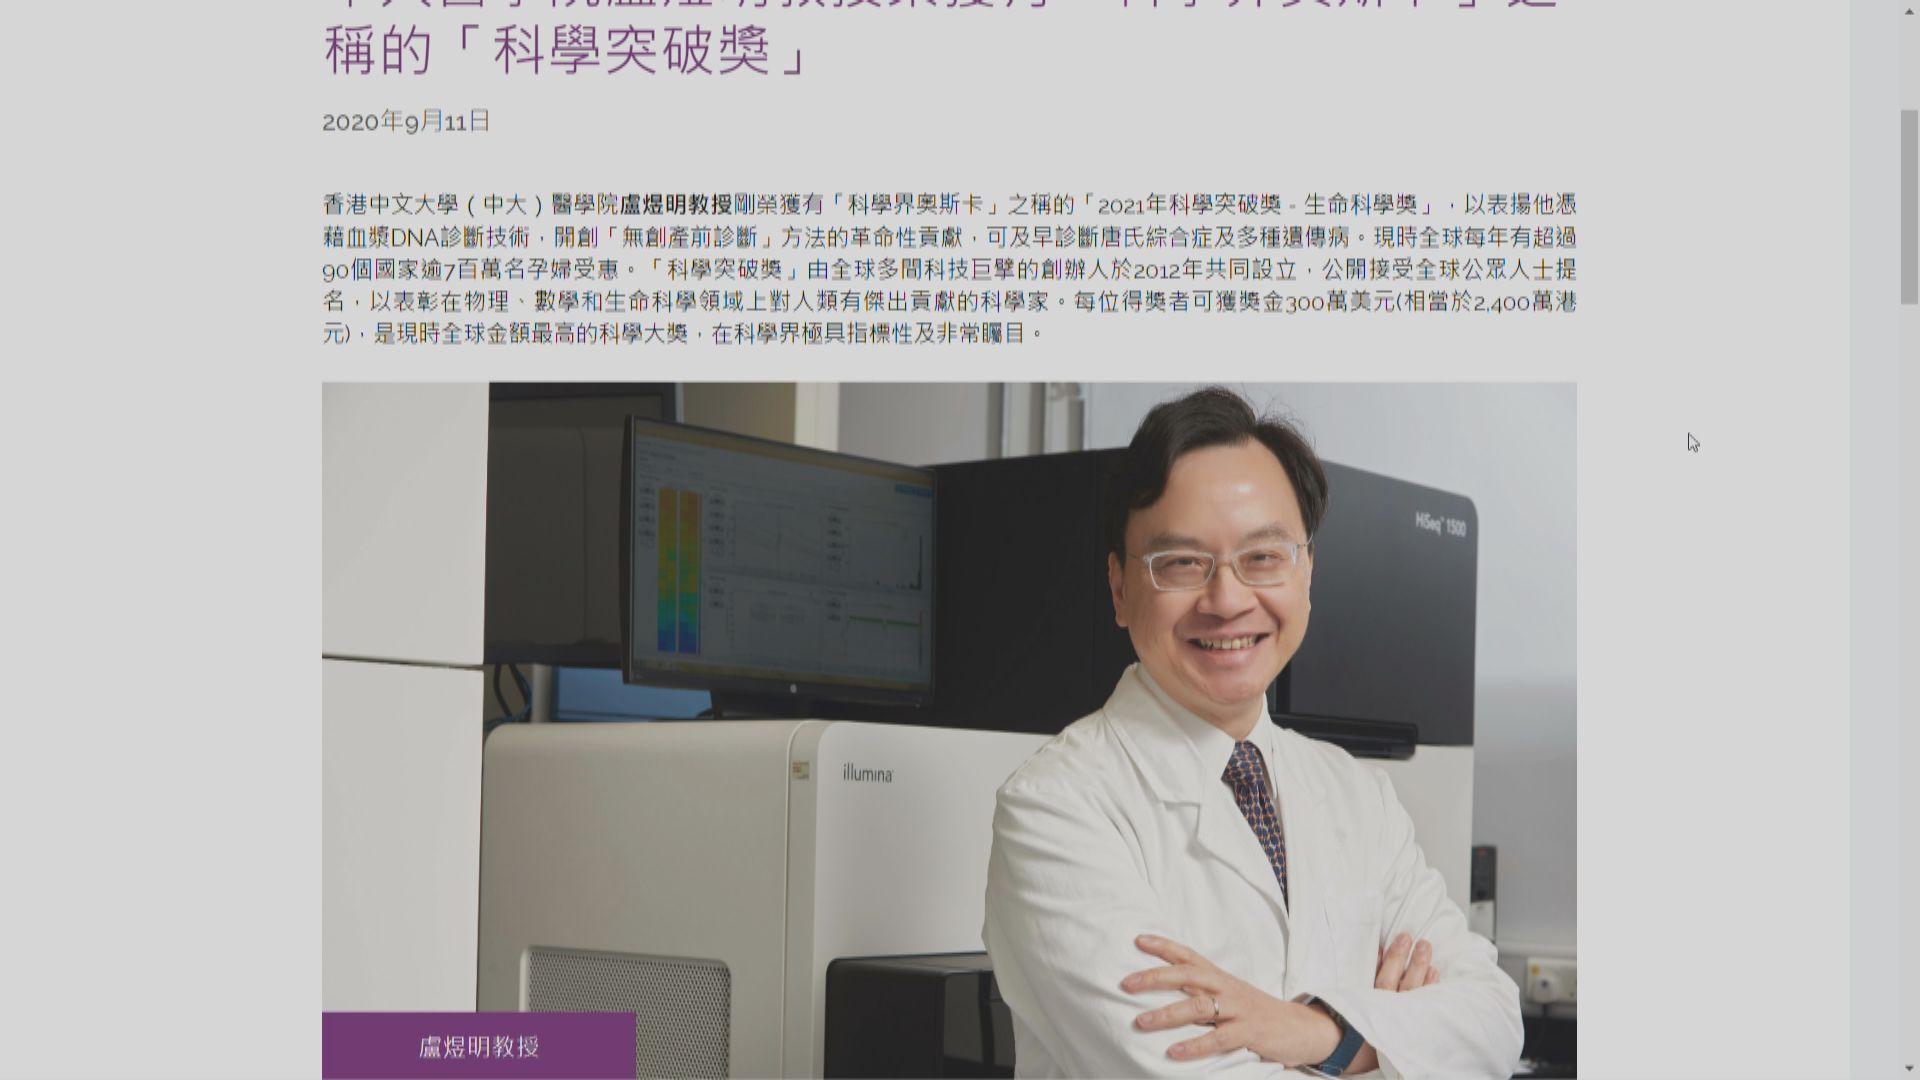 中大醫學院盧煜明獲頒2021年度科學突破獎